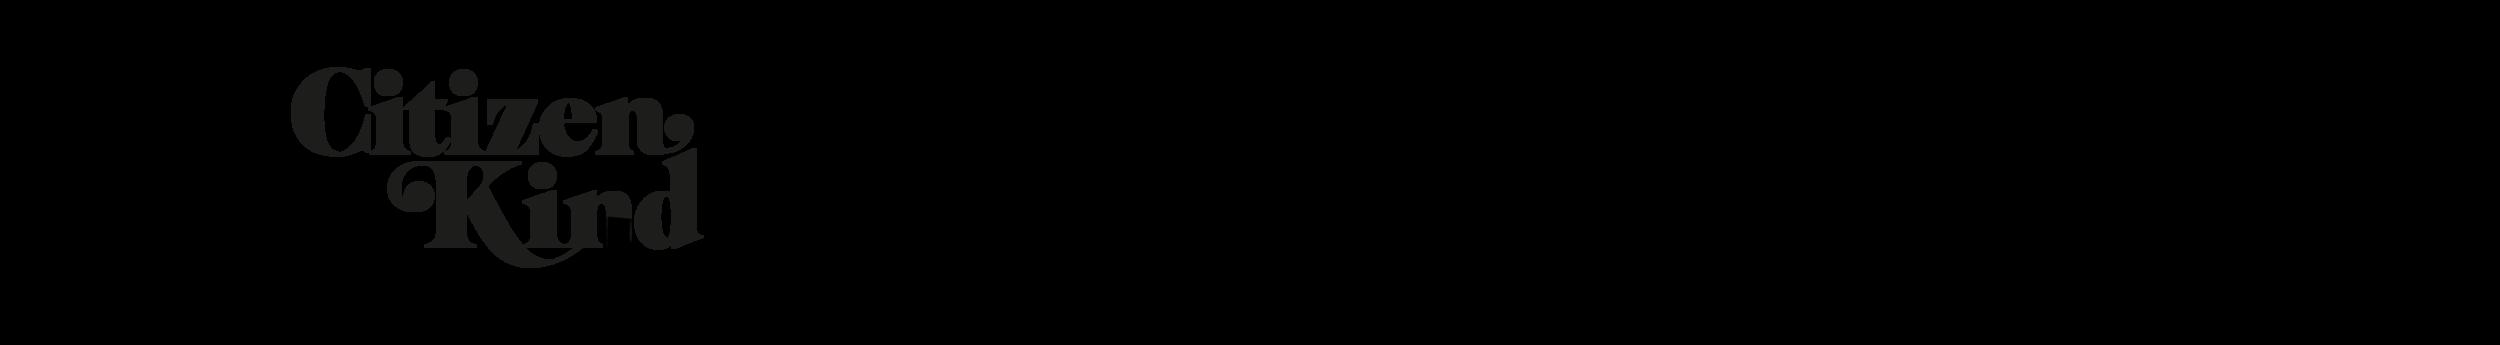 logo hierarchy